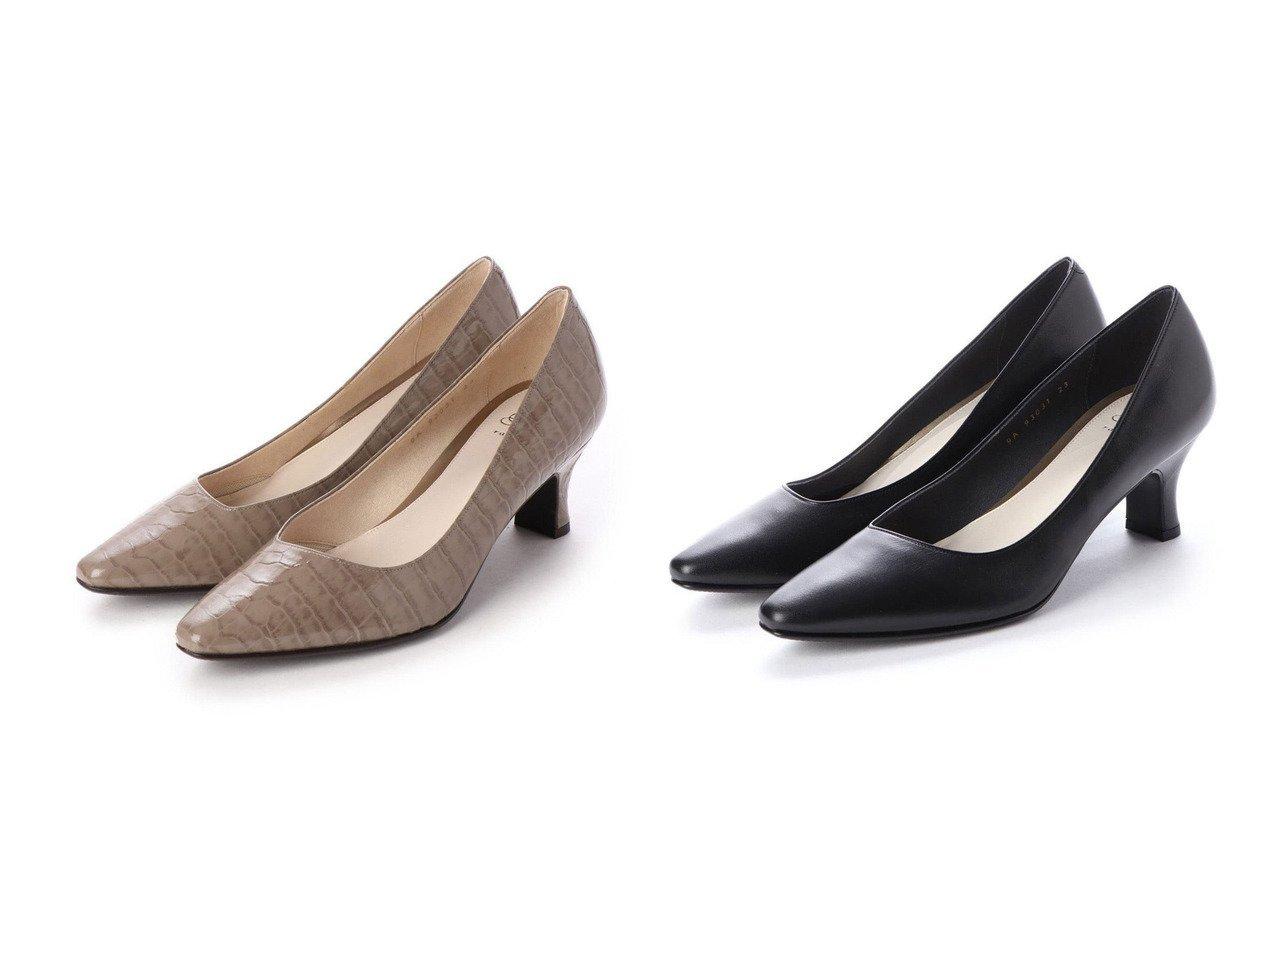 【MODE ET JACOMO/モード エ ジャコモ】のスクエアトゥパンプス 【シューズ・靴】おすすめ!人気、トレンド・レディースファッションの通販  おすすめで人気の流行・トレンド、ファッションの通販商品 メンズファッション・キッズファッション・インテリア・家具・レディースファッション・服の通販 founy(ファニー) https://founy.com/ ファッション Fashion レディースファッション WOMEN 送料無料 Free Shipping おすすめ Recommend シューズ シンプル プレーン 再入荷 Restock/Back in Stock/Re Arrival 日本製 Made in Japan |ID:crp329100000032111